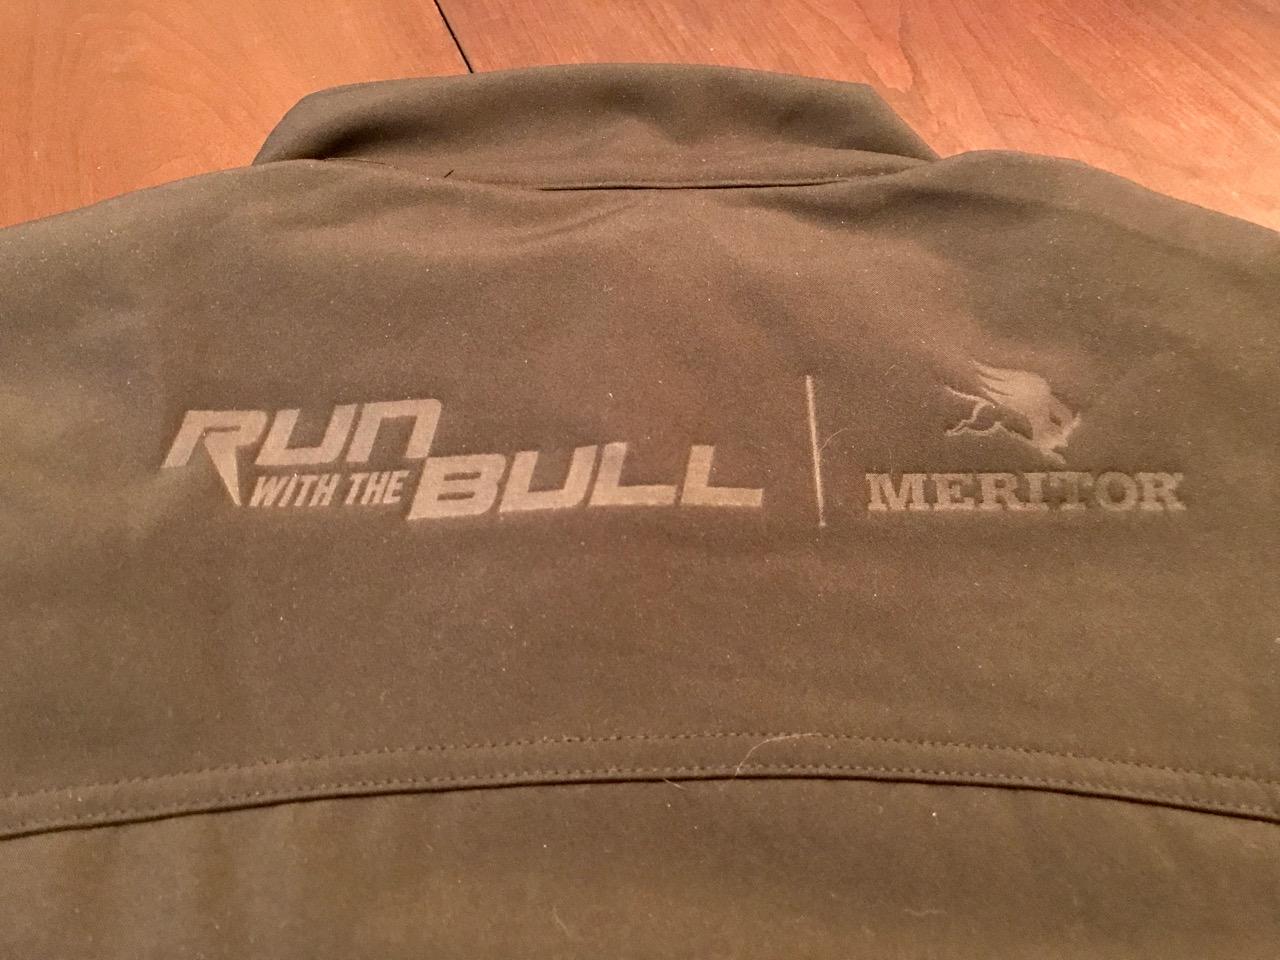 Meritor Jacket back